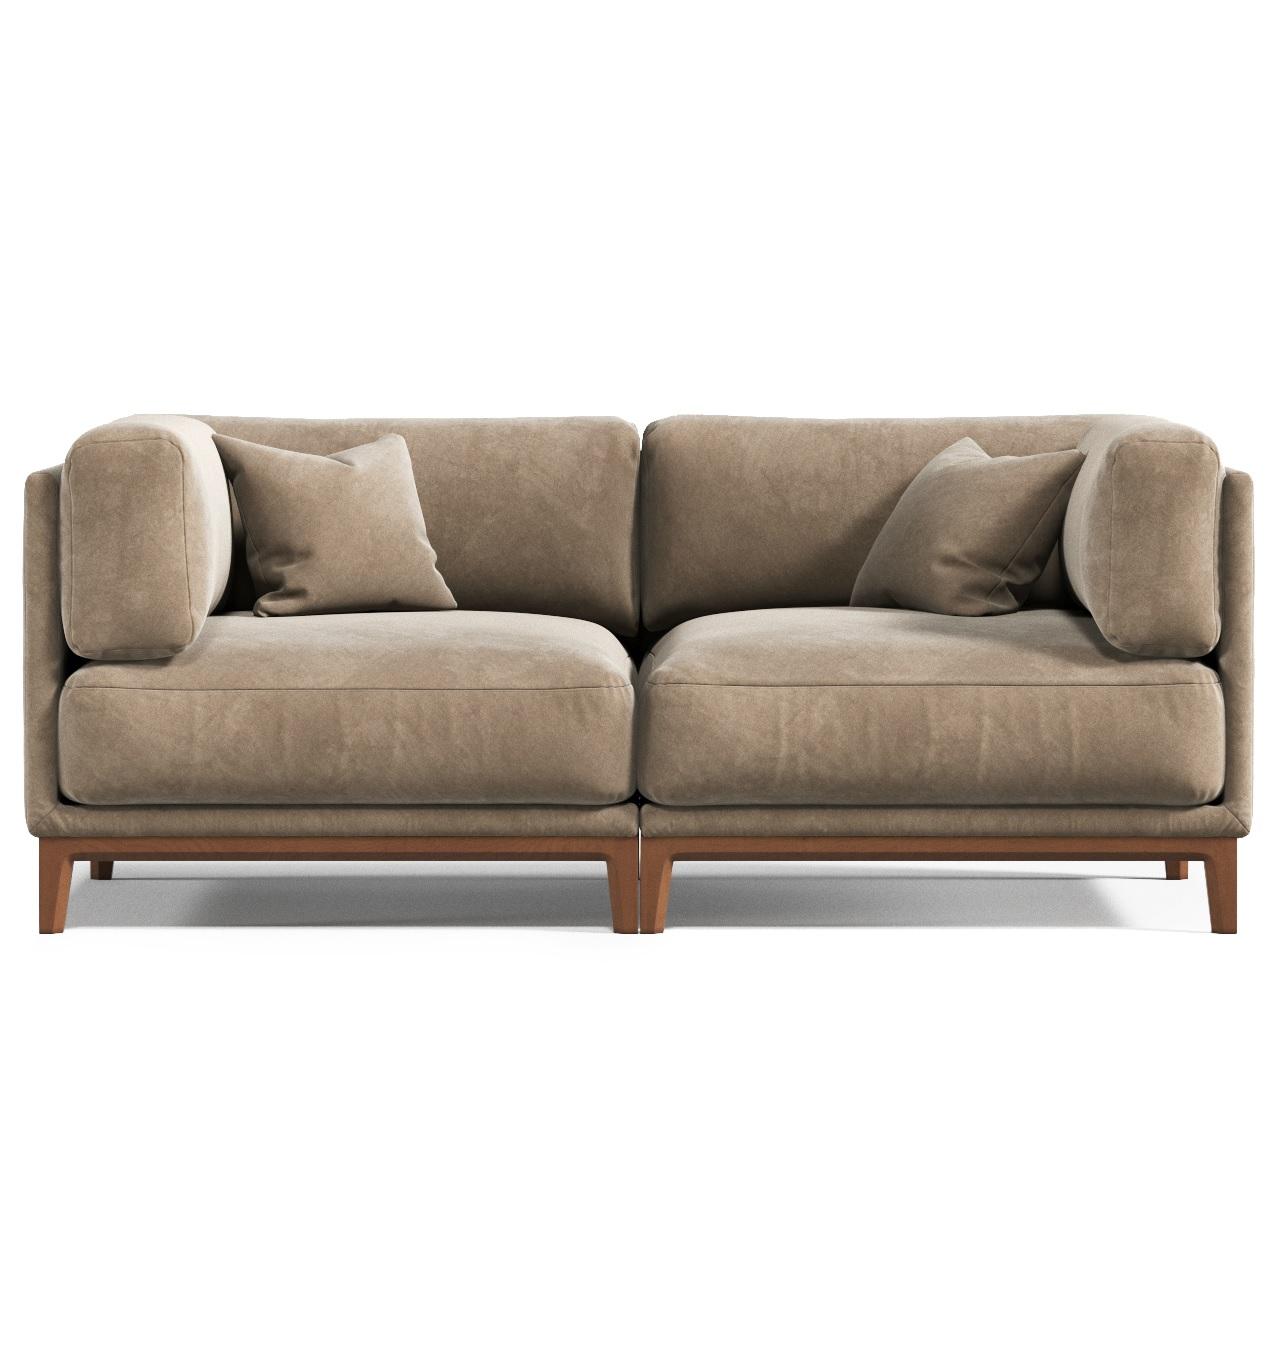 Диван Case 6Двухместные диваны<br>&amp;lt;div&amp;gt;Эта модель двухместного дивана подойдет в любые помещения благодаря модульной конструкции, современному дизайну и эргономичному наполнителю. Объемные подушки из прорезиненного пенополиуретана нескольких степеней жесткости вместе с удобной глубокой посадкой создают необычайно комфортную зону отдыха и легко восстанавливают форму.&amp;lt;br&amp;gt;&amp;lt;/div&amp;gt;&amp;lt;div&amp;gt;&amp;lt;br&amp;gt;&amp;lt;/div&amp;gt;&amp;lt;div&amp;gt;Все чехлы съемные, их легко стирать. Диваны не имеют оборотной стороны и могут устанавливаться в центре помещения. В комплекте с диваном поставляются декоративные подушки.&amp;amp;nbsp;&amp;lt;div&amp;gt;Диван Case доступен к заказу в нескольких категориях ткани и с 5 вариантами тонировки ножек. Кроме того, возможен заказ дивана Case в индивидуальном размере и в собственной ткани.&amp;lt;/div&amp;gt;&amp;lt;div&amp;gt;Вы можете выбрать любой цвет обивки из палитры. В категории 1 цена без изменения. Категории 2 и 3 цена по запросу у менеджера.&amp;amp;nbsp;&amp;lt;div&amp;gt;Также возможны нестандартные варианты сочетания обивки и отделки дивана. Гарантия на изделия составляет 3 года.&amp;lt;/div&amp;gt;&amp;lt;/div&amp;gt;&amp;lt;/div&amp;gt;<br><br>Material: Текстиль<br>Ширина см: 188<br>Высота см: 80<br>Глубина см: 94